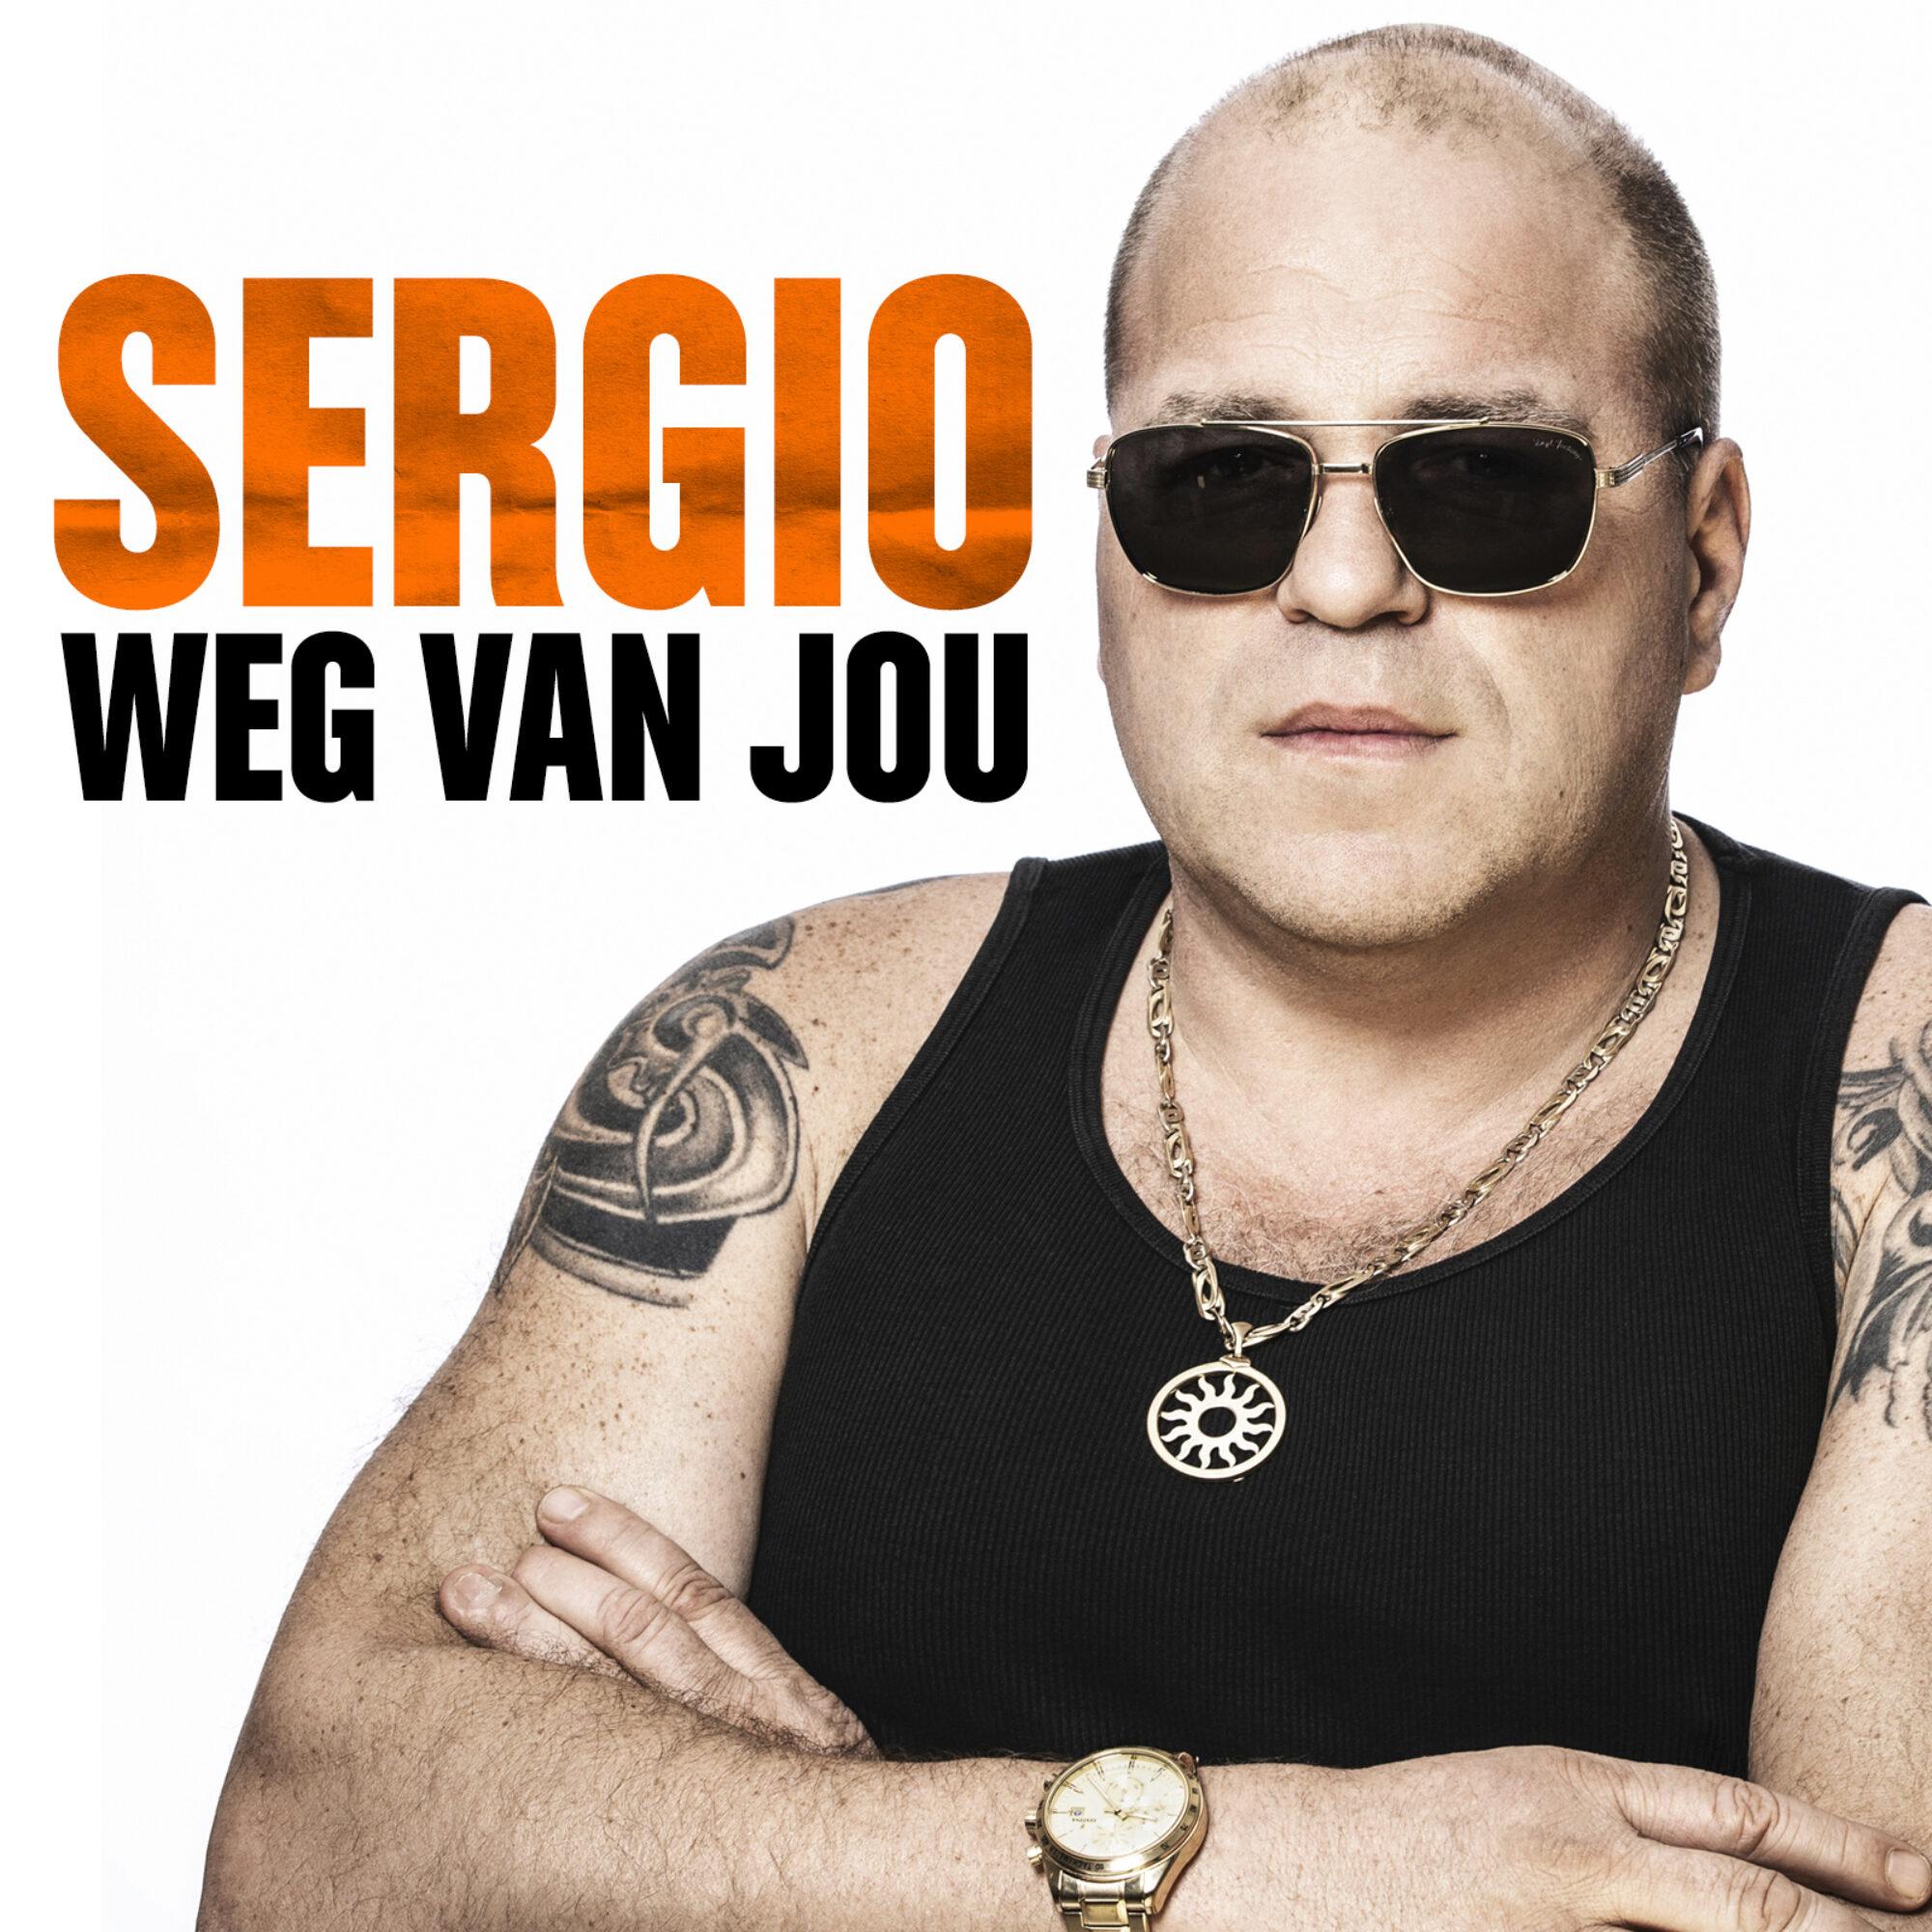 Sergio Weg Van Jou Co